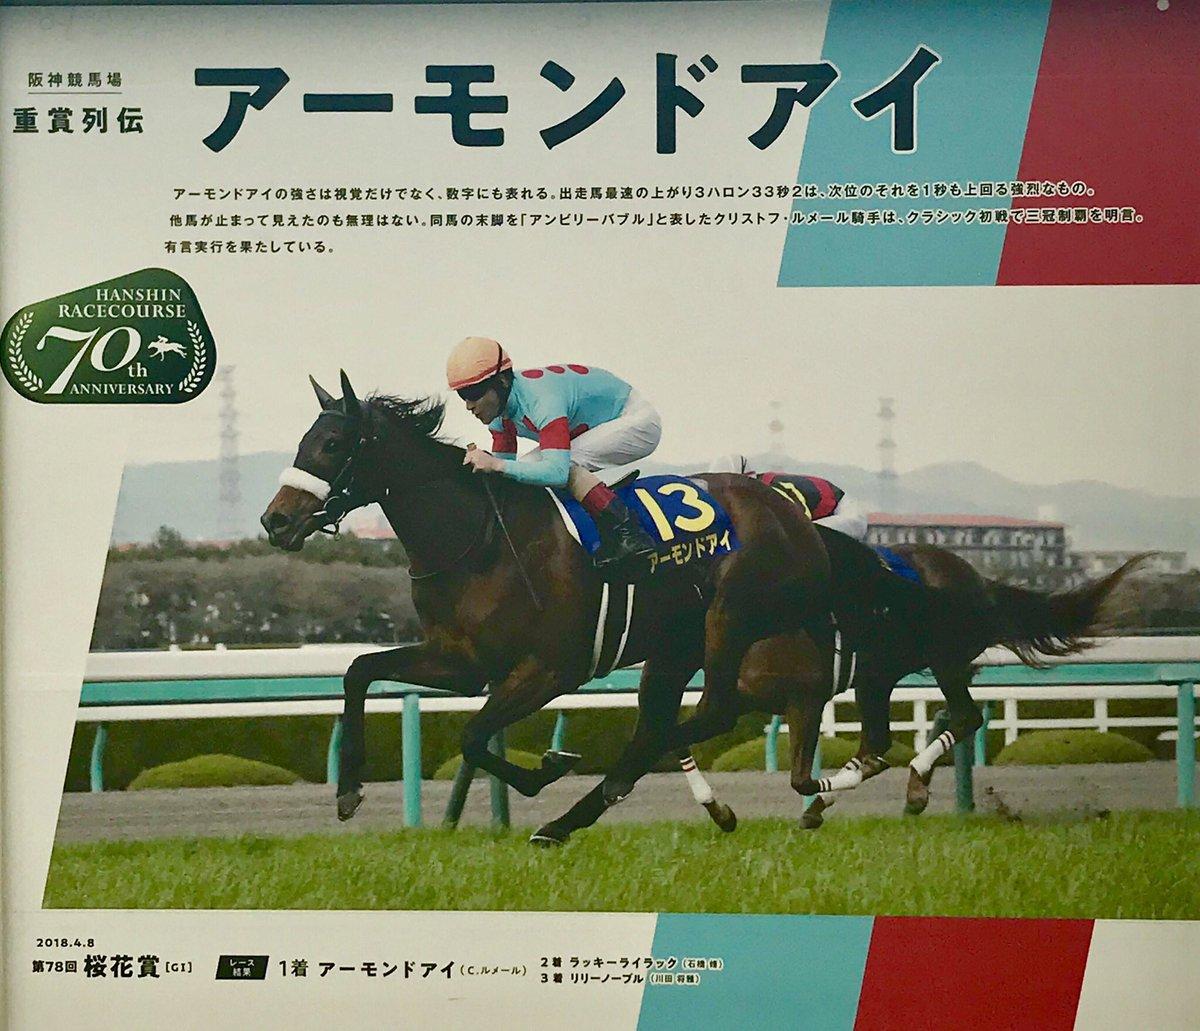 阪神競馬場参戦。アーモンドアイの桜花賞以来だなと思ってたら、いろいろポスターあってパシャり。 #アーモンドアイ #阪神競馬場